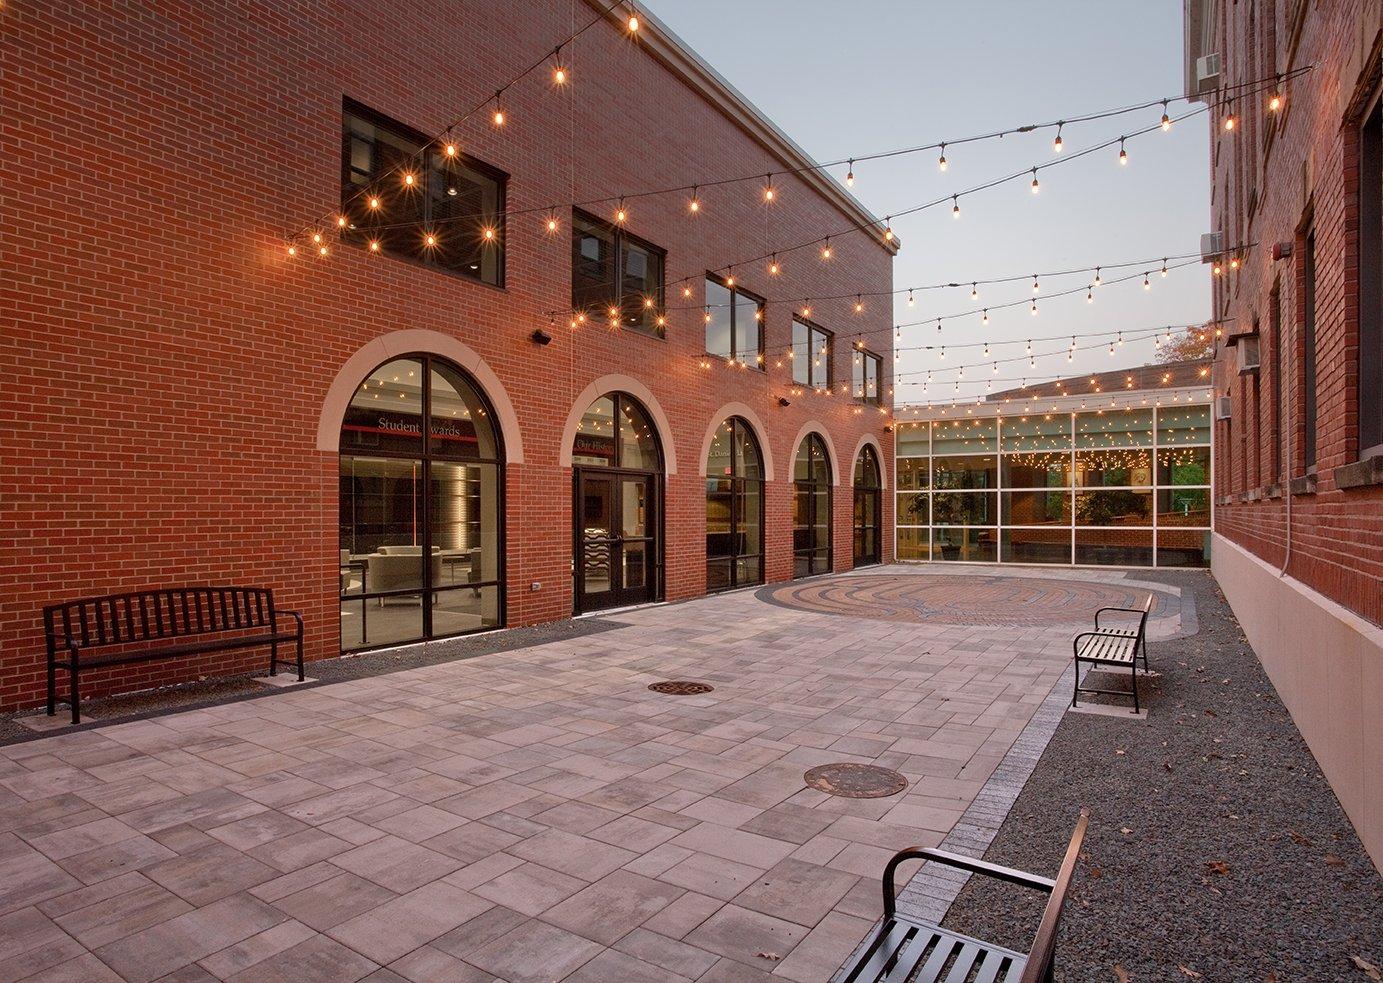 benet-academy-outdoor-cloister-walk-2-lo